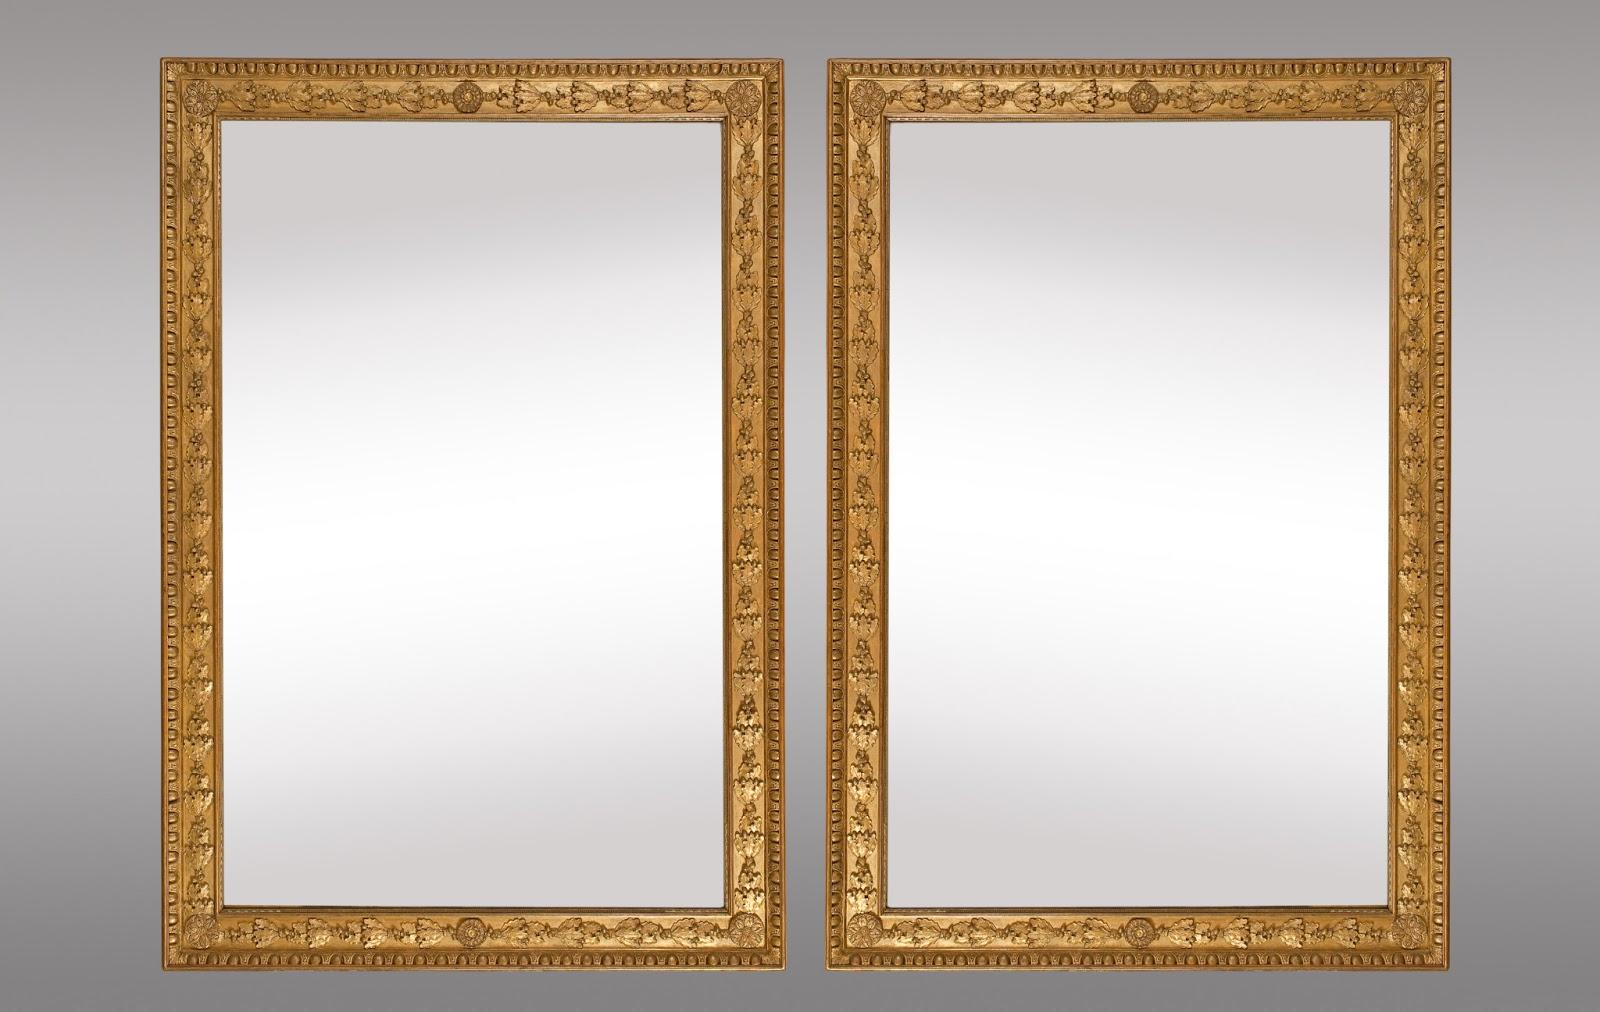 Wallpapers espejos - Fotos de espejos ...